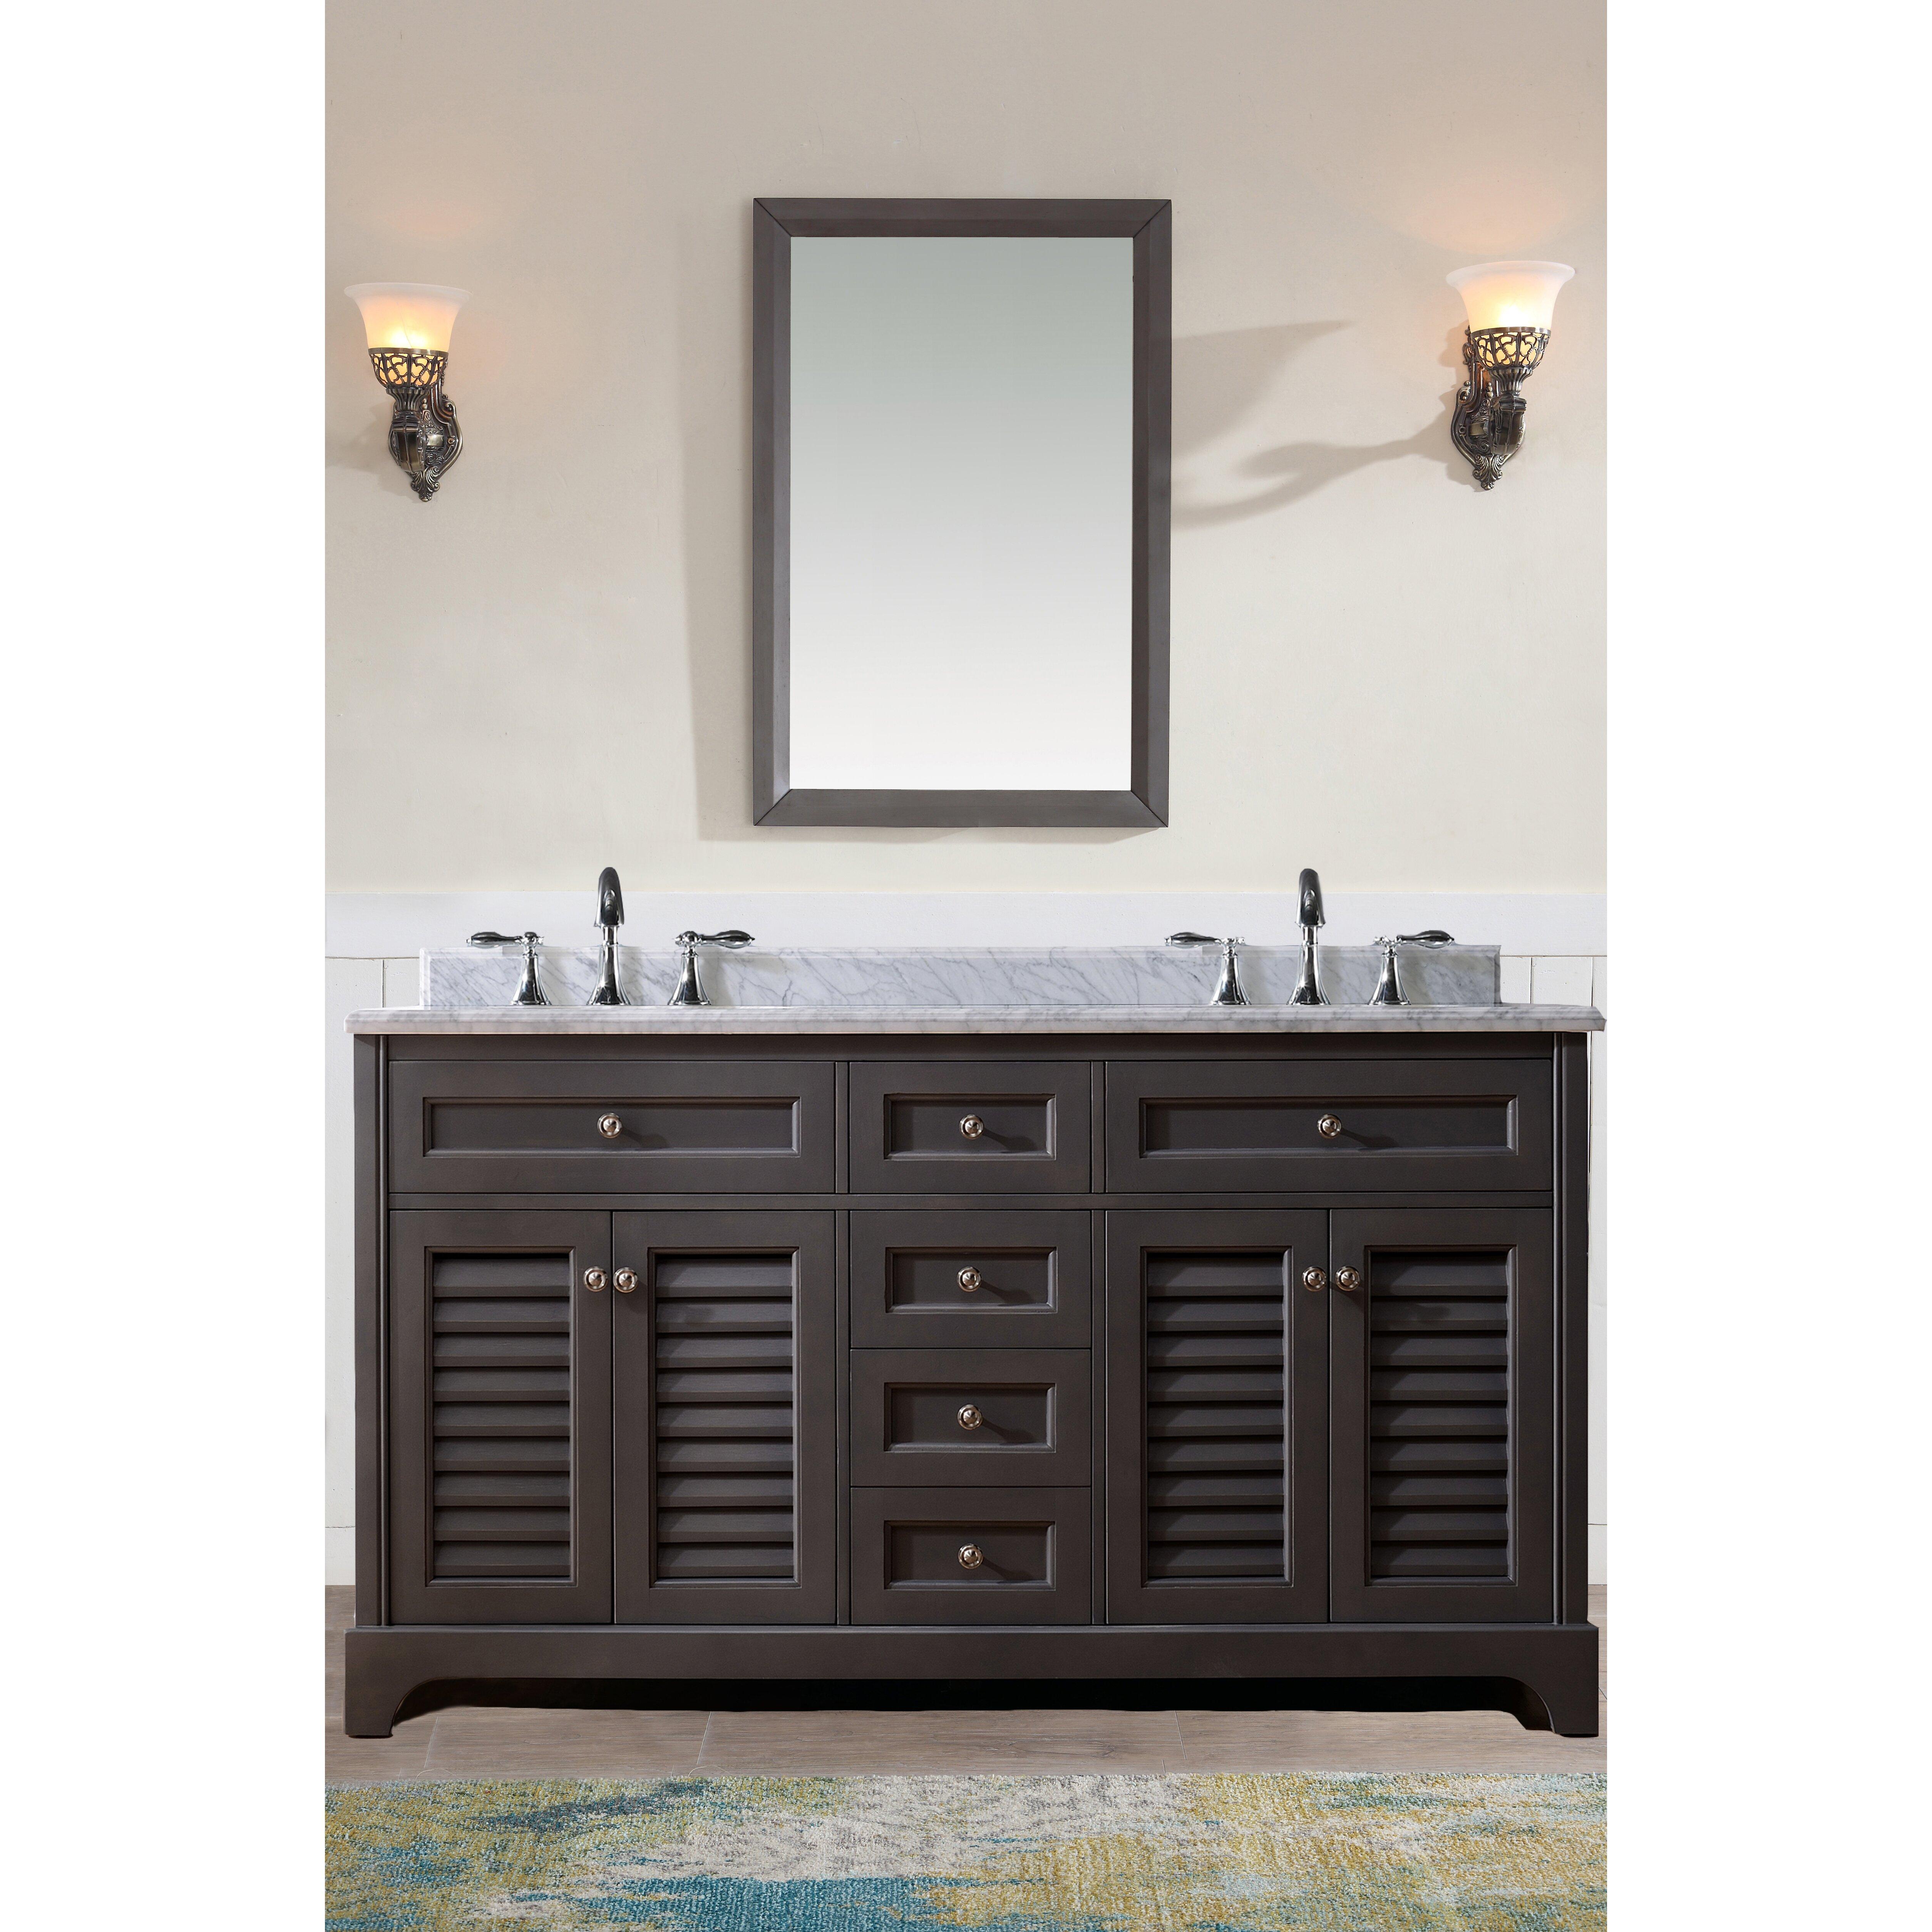 Ari Kitchen Amp Bath Madison 60 Quot Double Bathroom Vanity Set